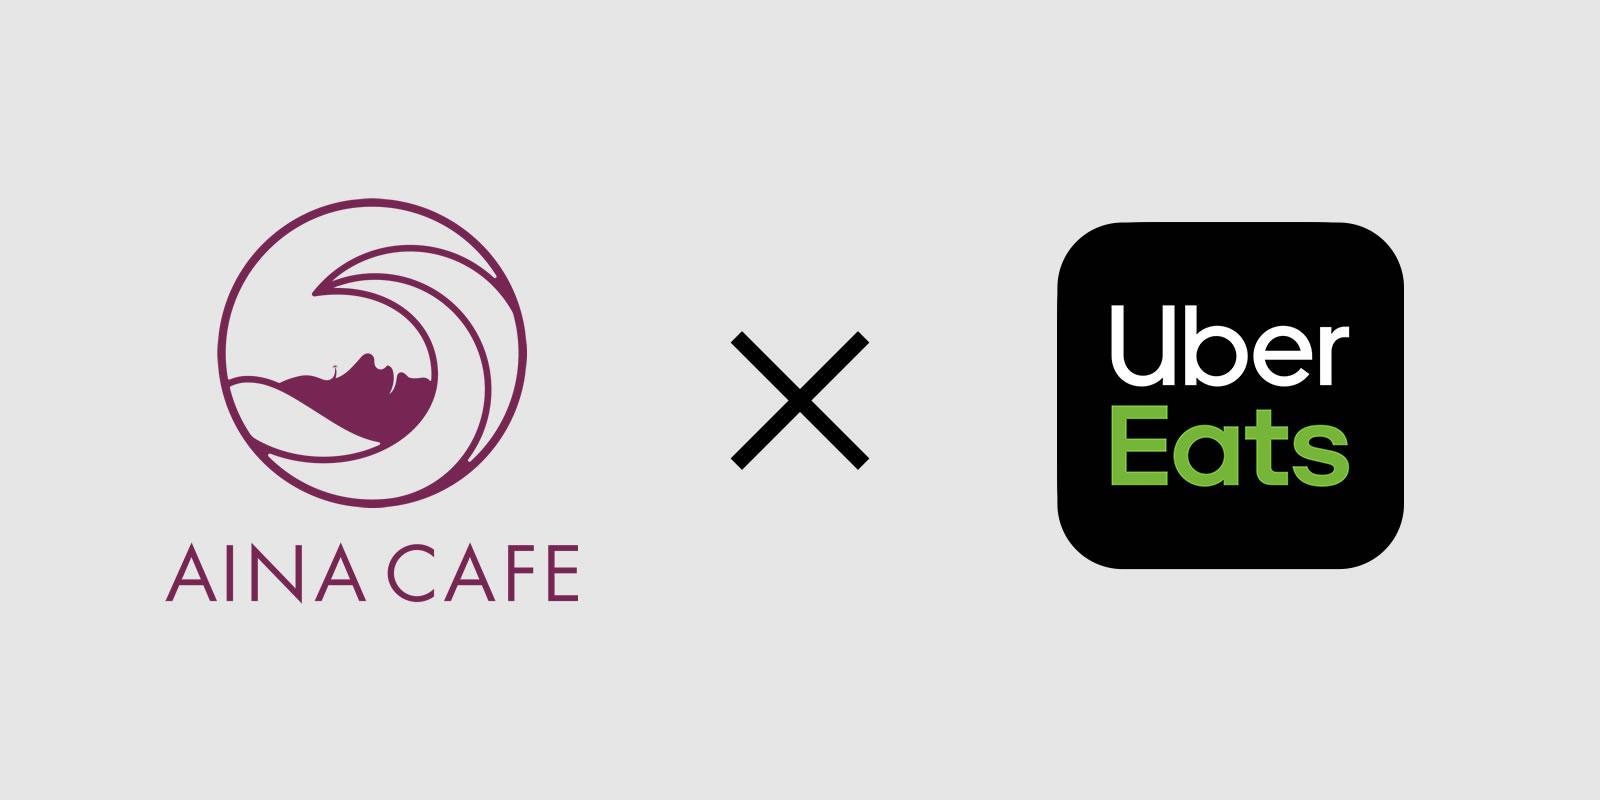 AINACAFE x UberEats